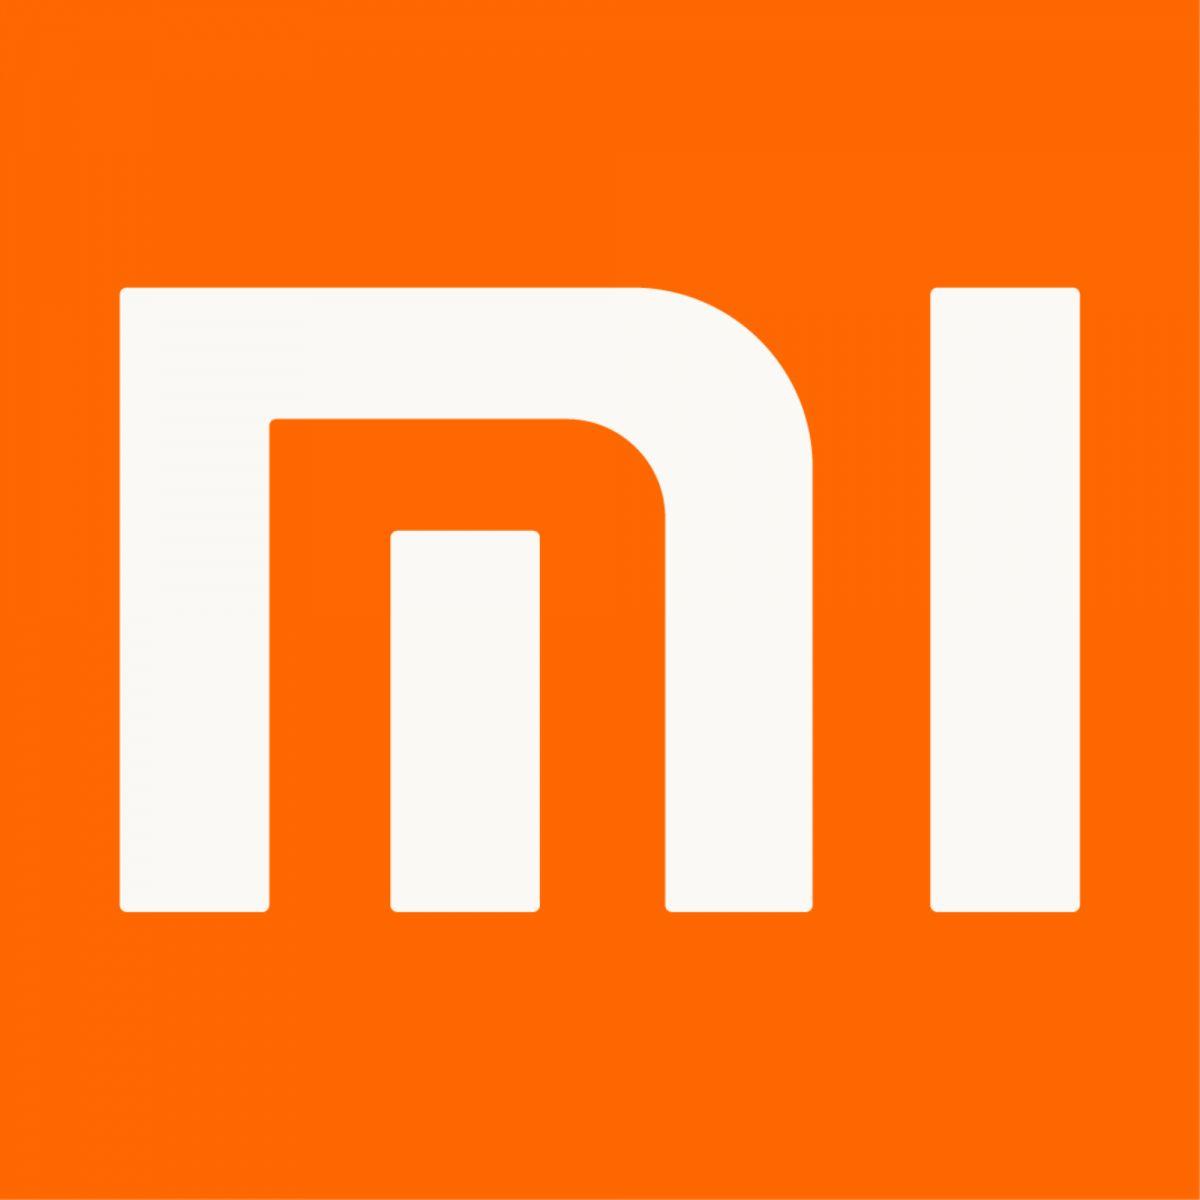 10+ Logo Xiaomi Png | Papeis de parede para iphone, Iphone, Celular